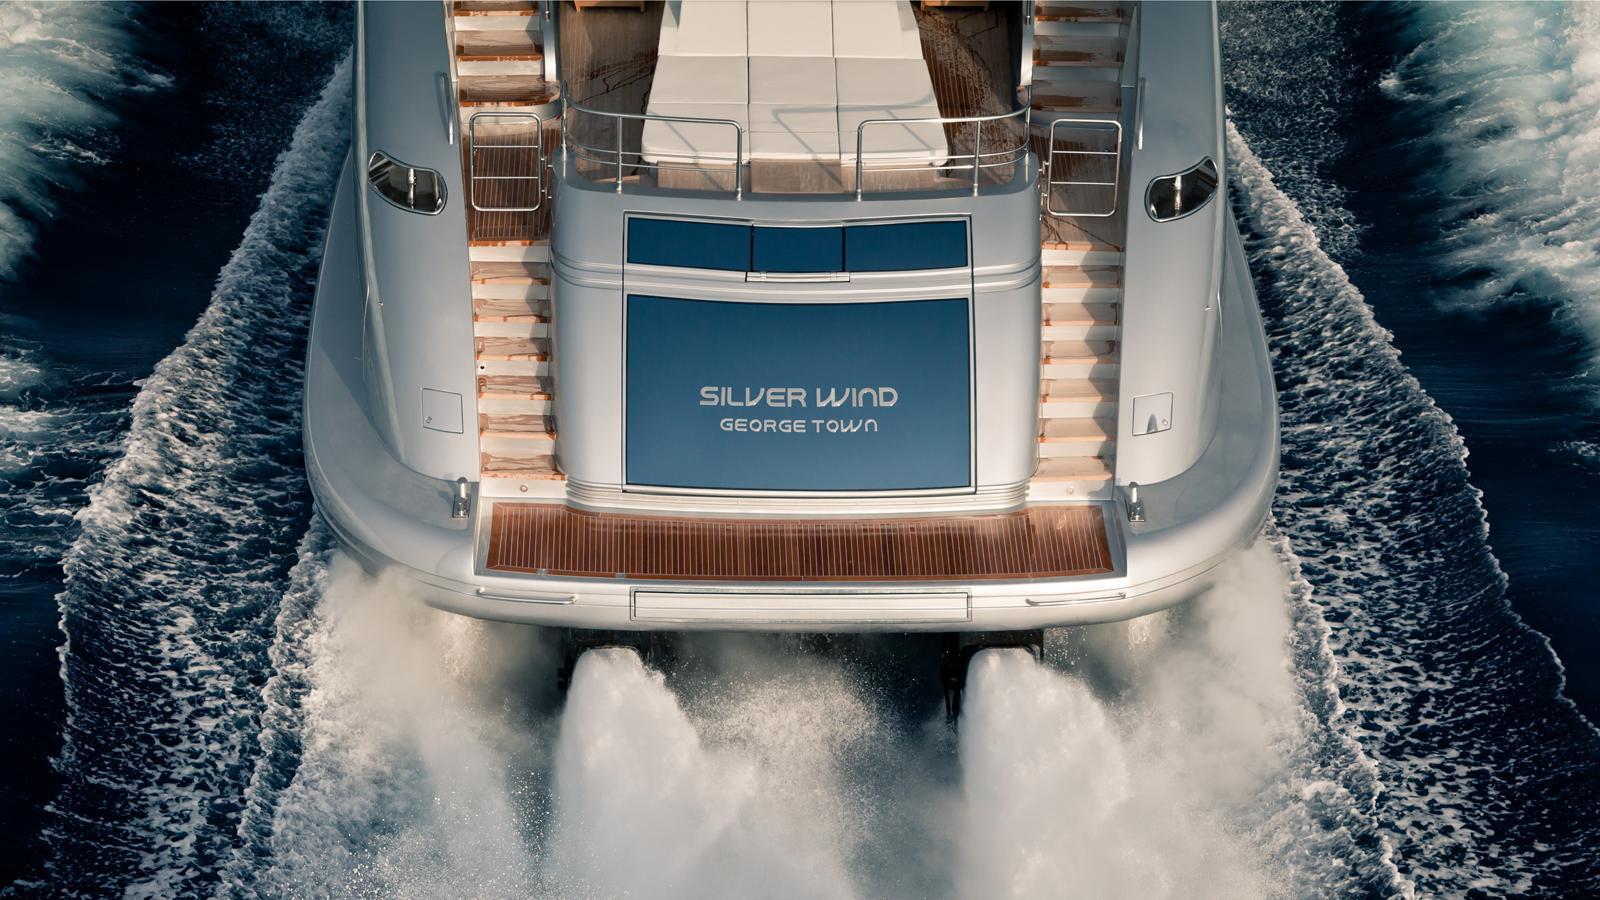 silver-wind-motor-yacht-isa-140-2014-44m-stern